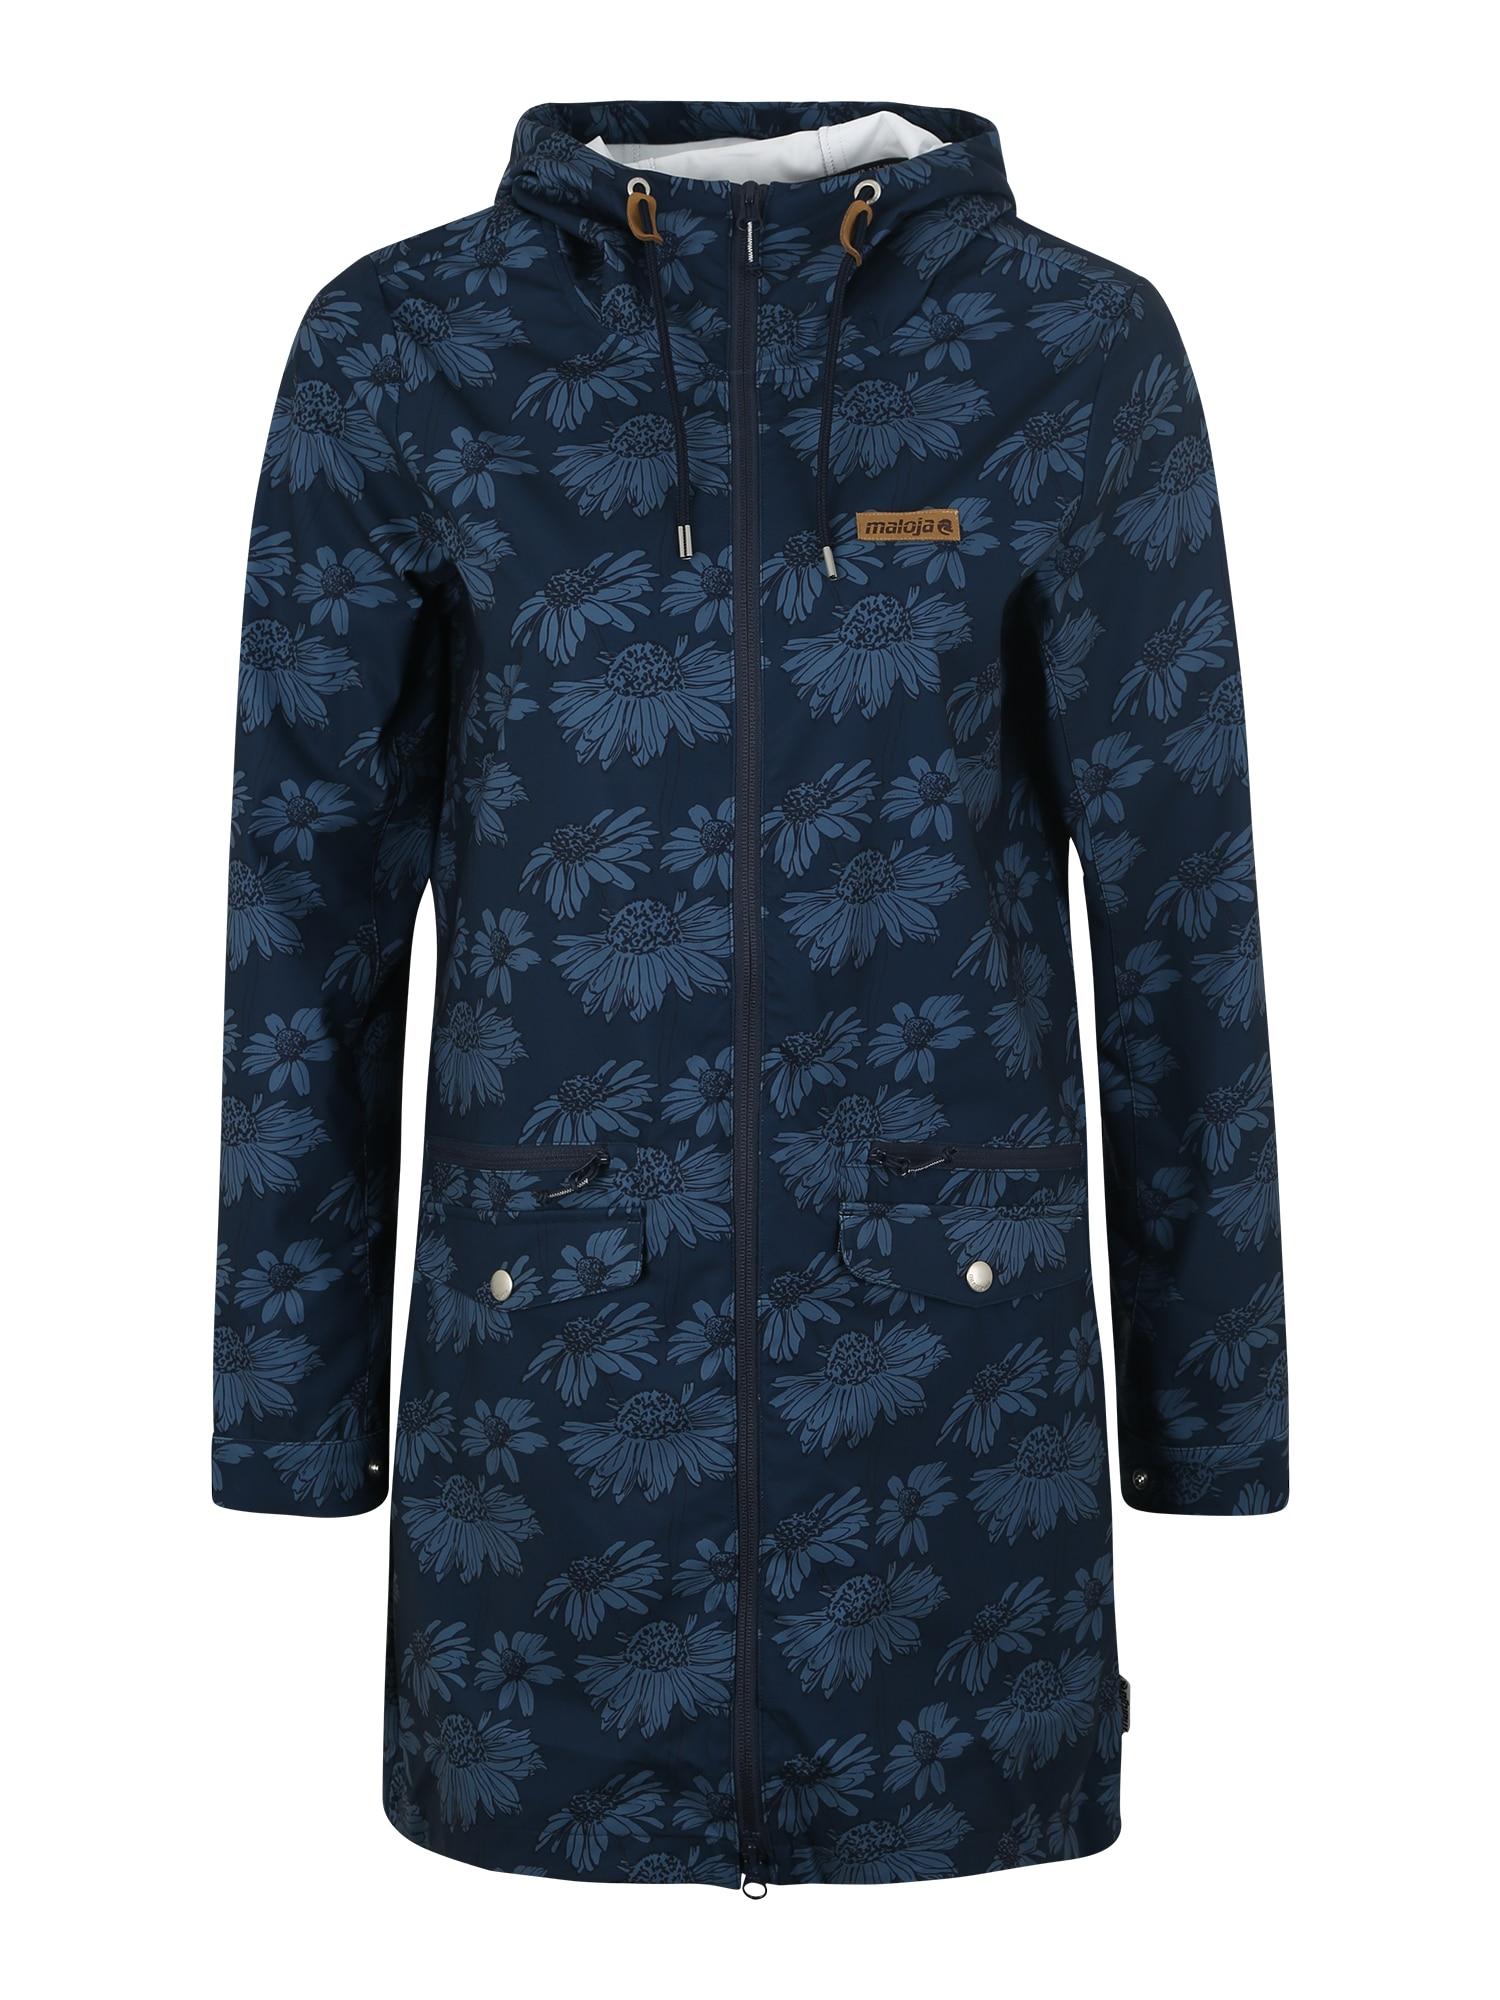 Outdoorový kabát MuranziaM. tmavě modrá Maloja